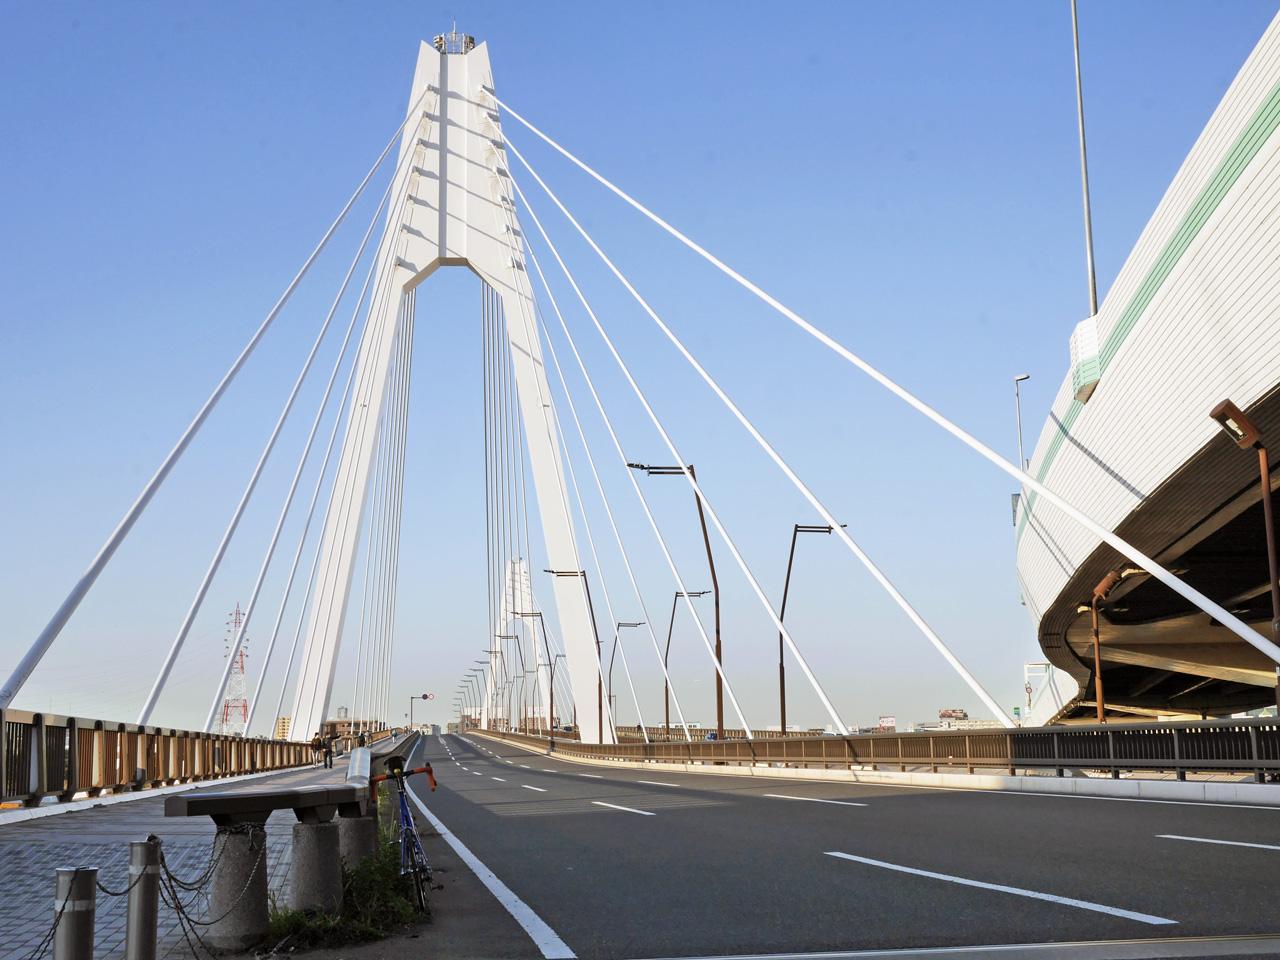 大師橋で多摩川を渡って東京へ